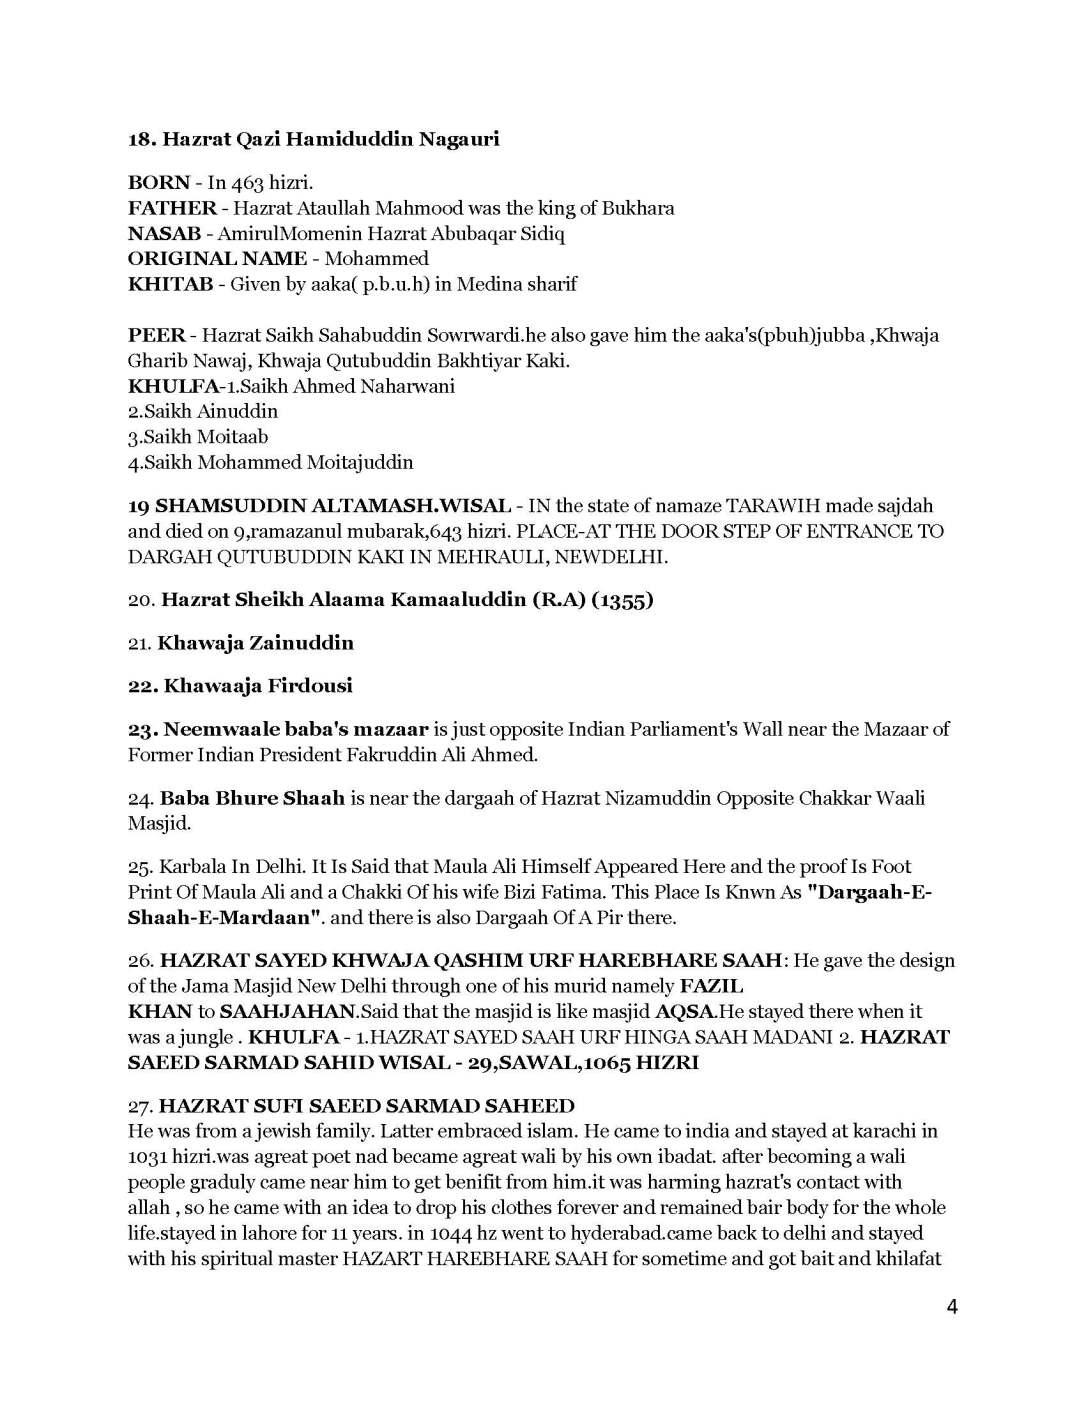 306889533-List-of-Dargahs-in-Delhi_Page_4